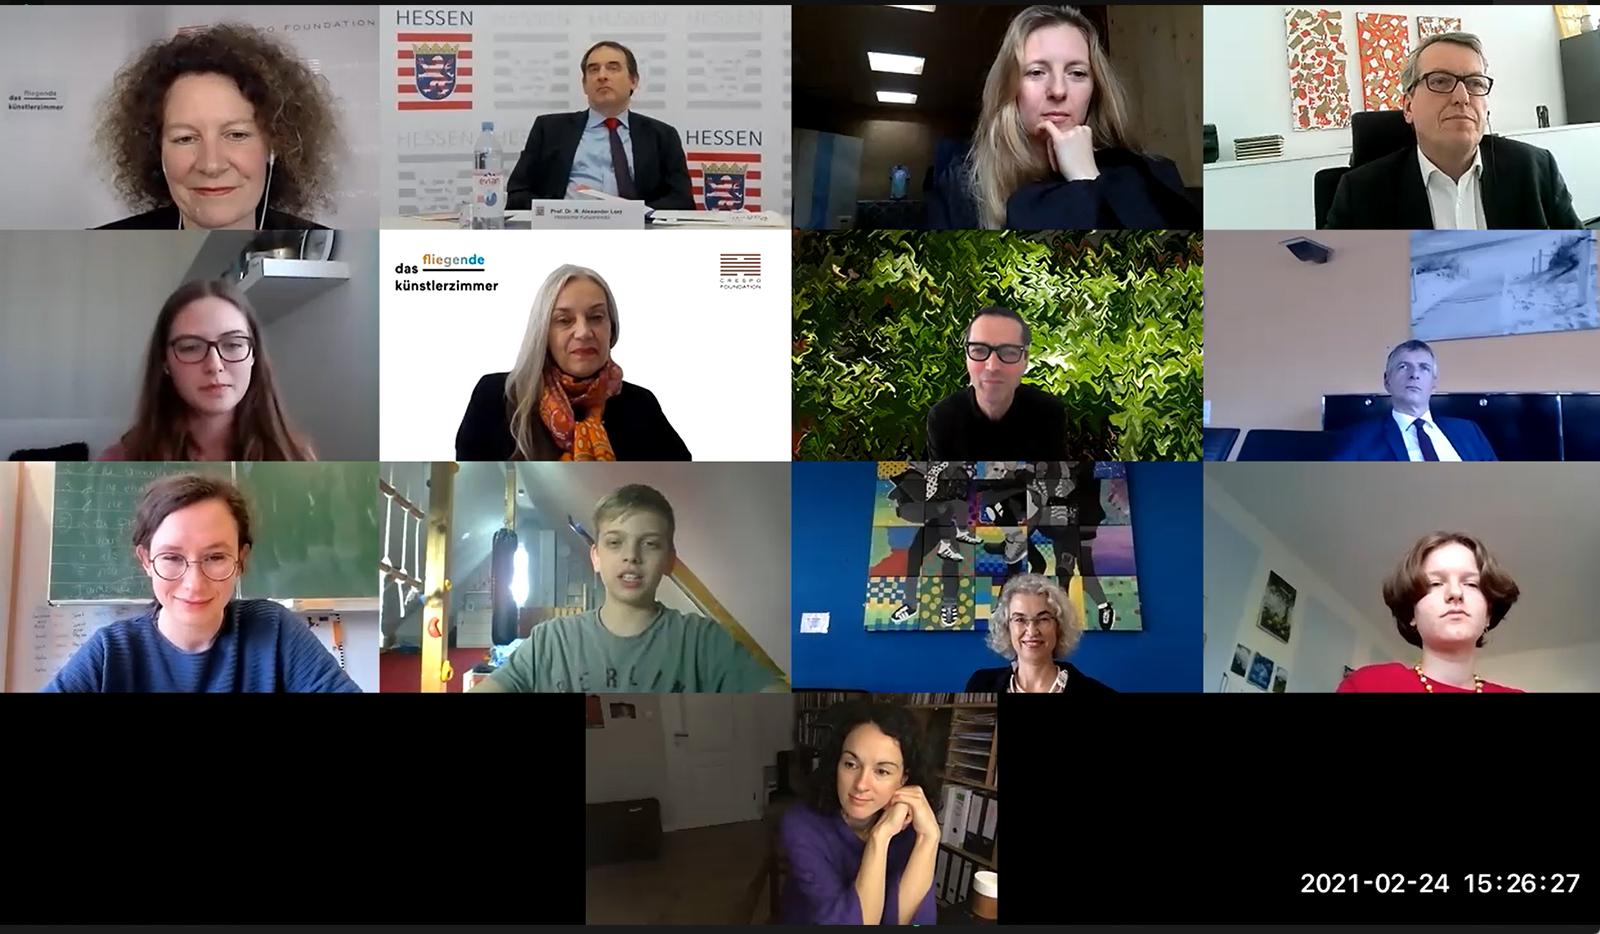 Das digitale Pressegespräch aus Schülerinnen-Sicht